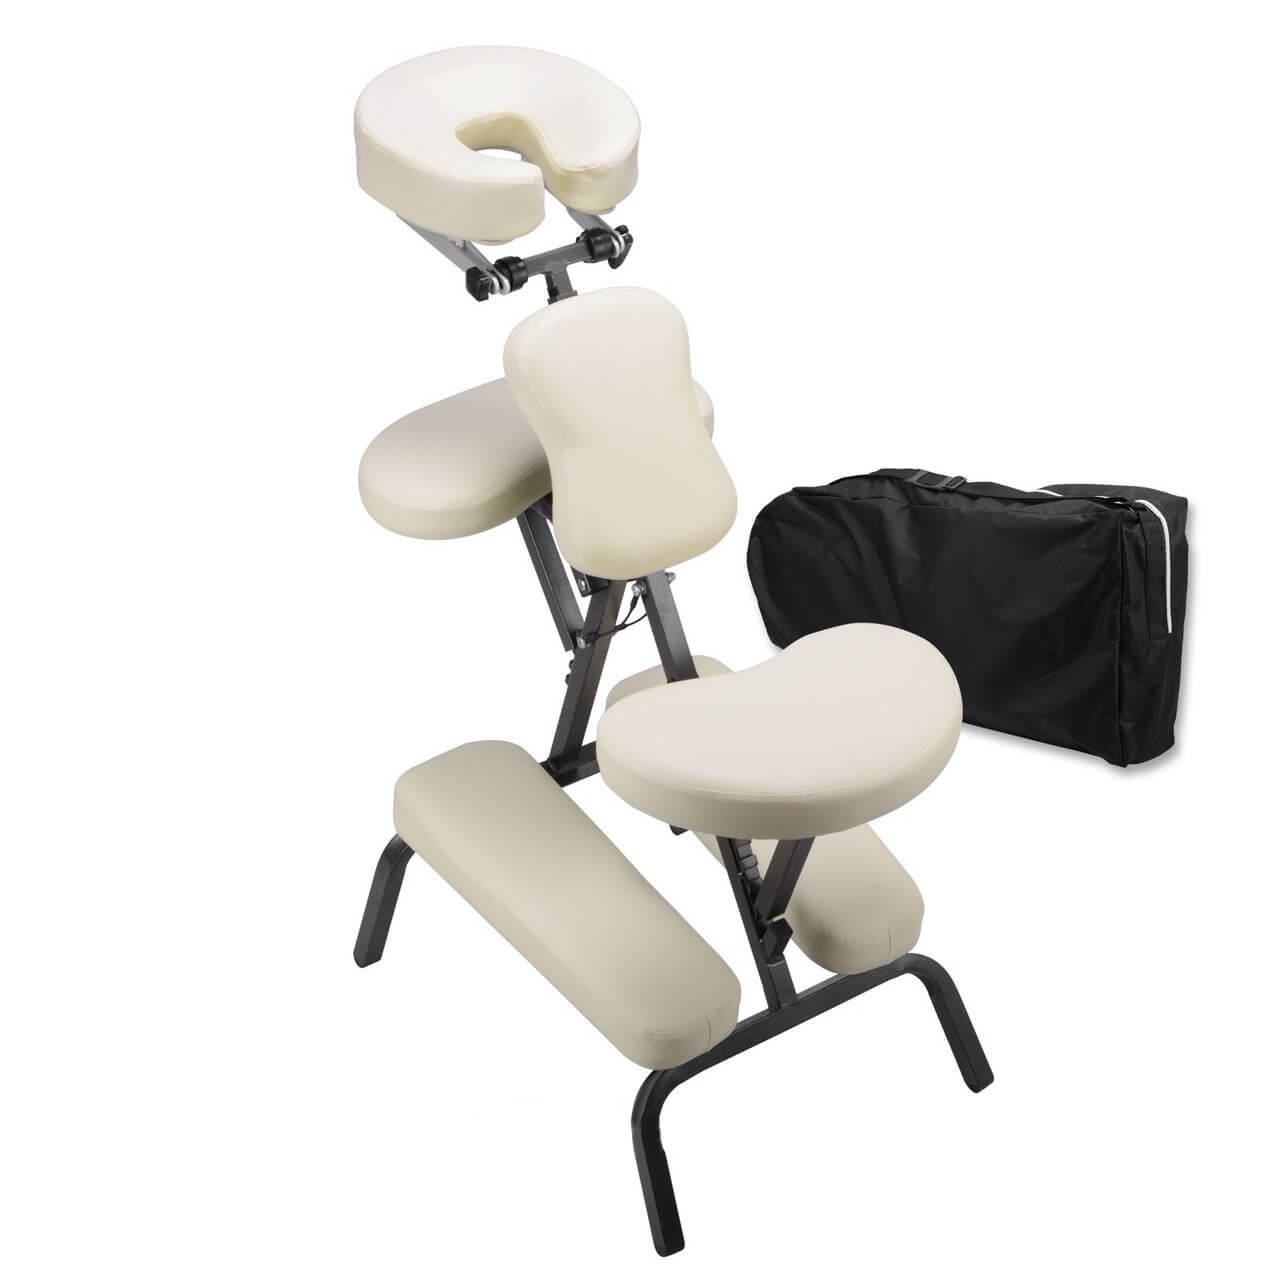 для массажа шейно воротниковой зоны Лофт - Рейтинг 6 популярных моделей стульев для массажа